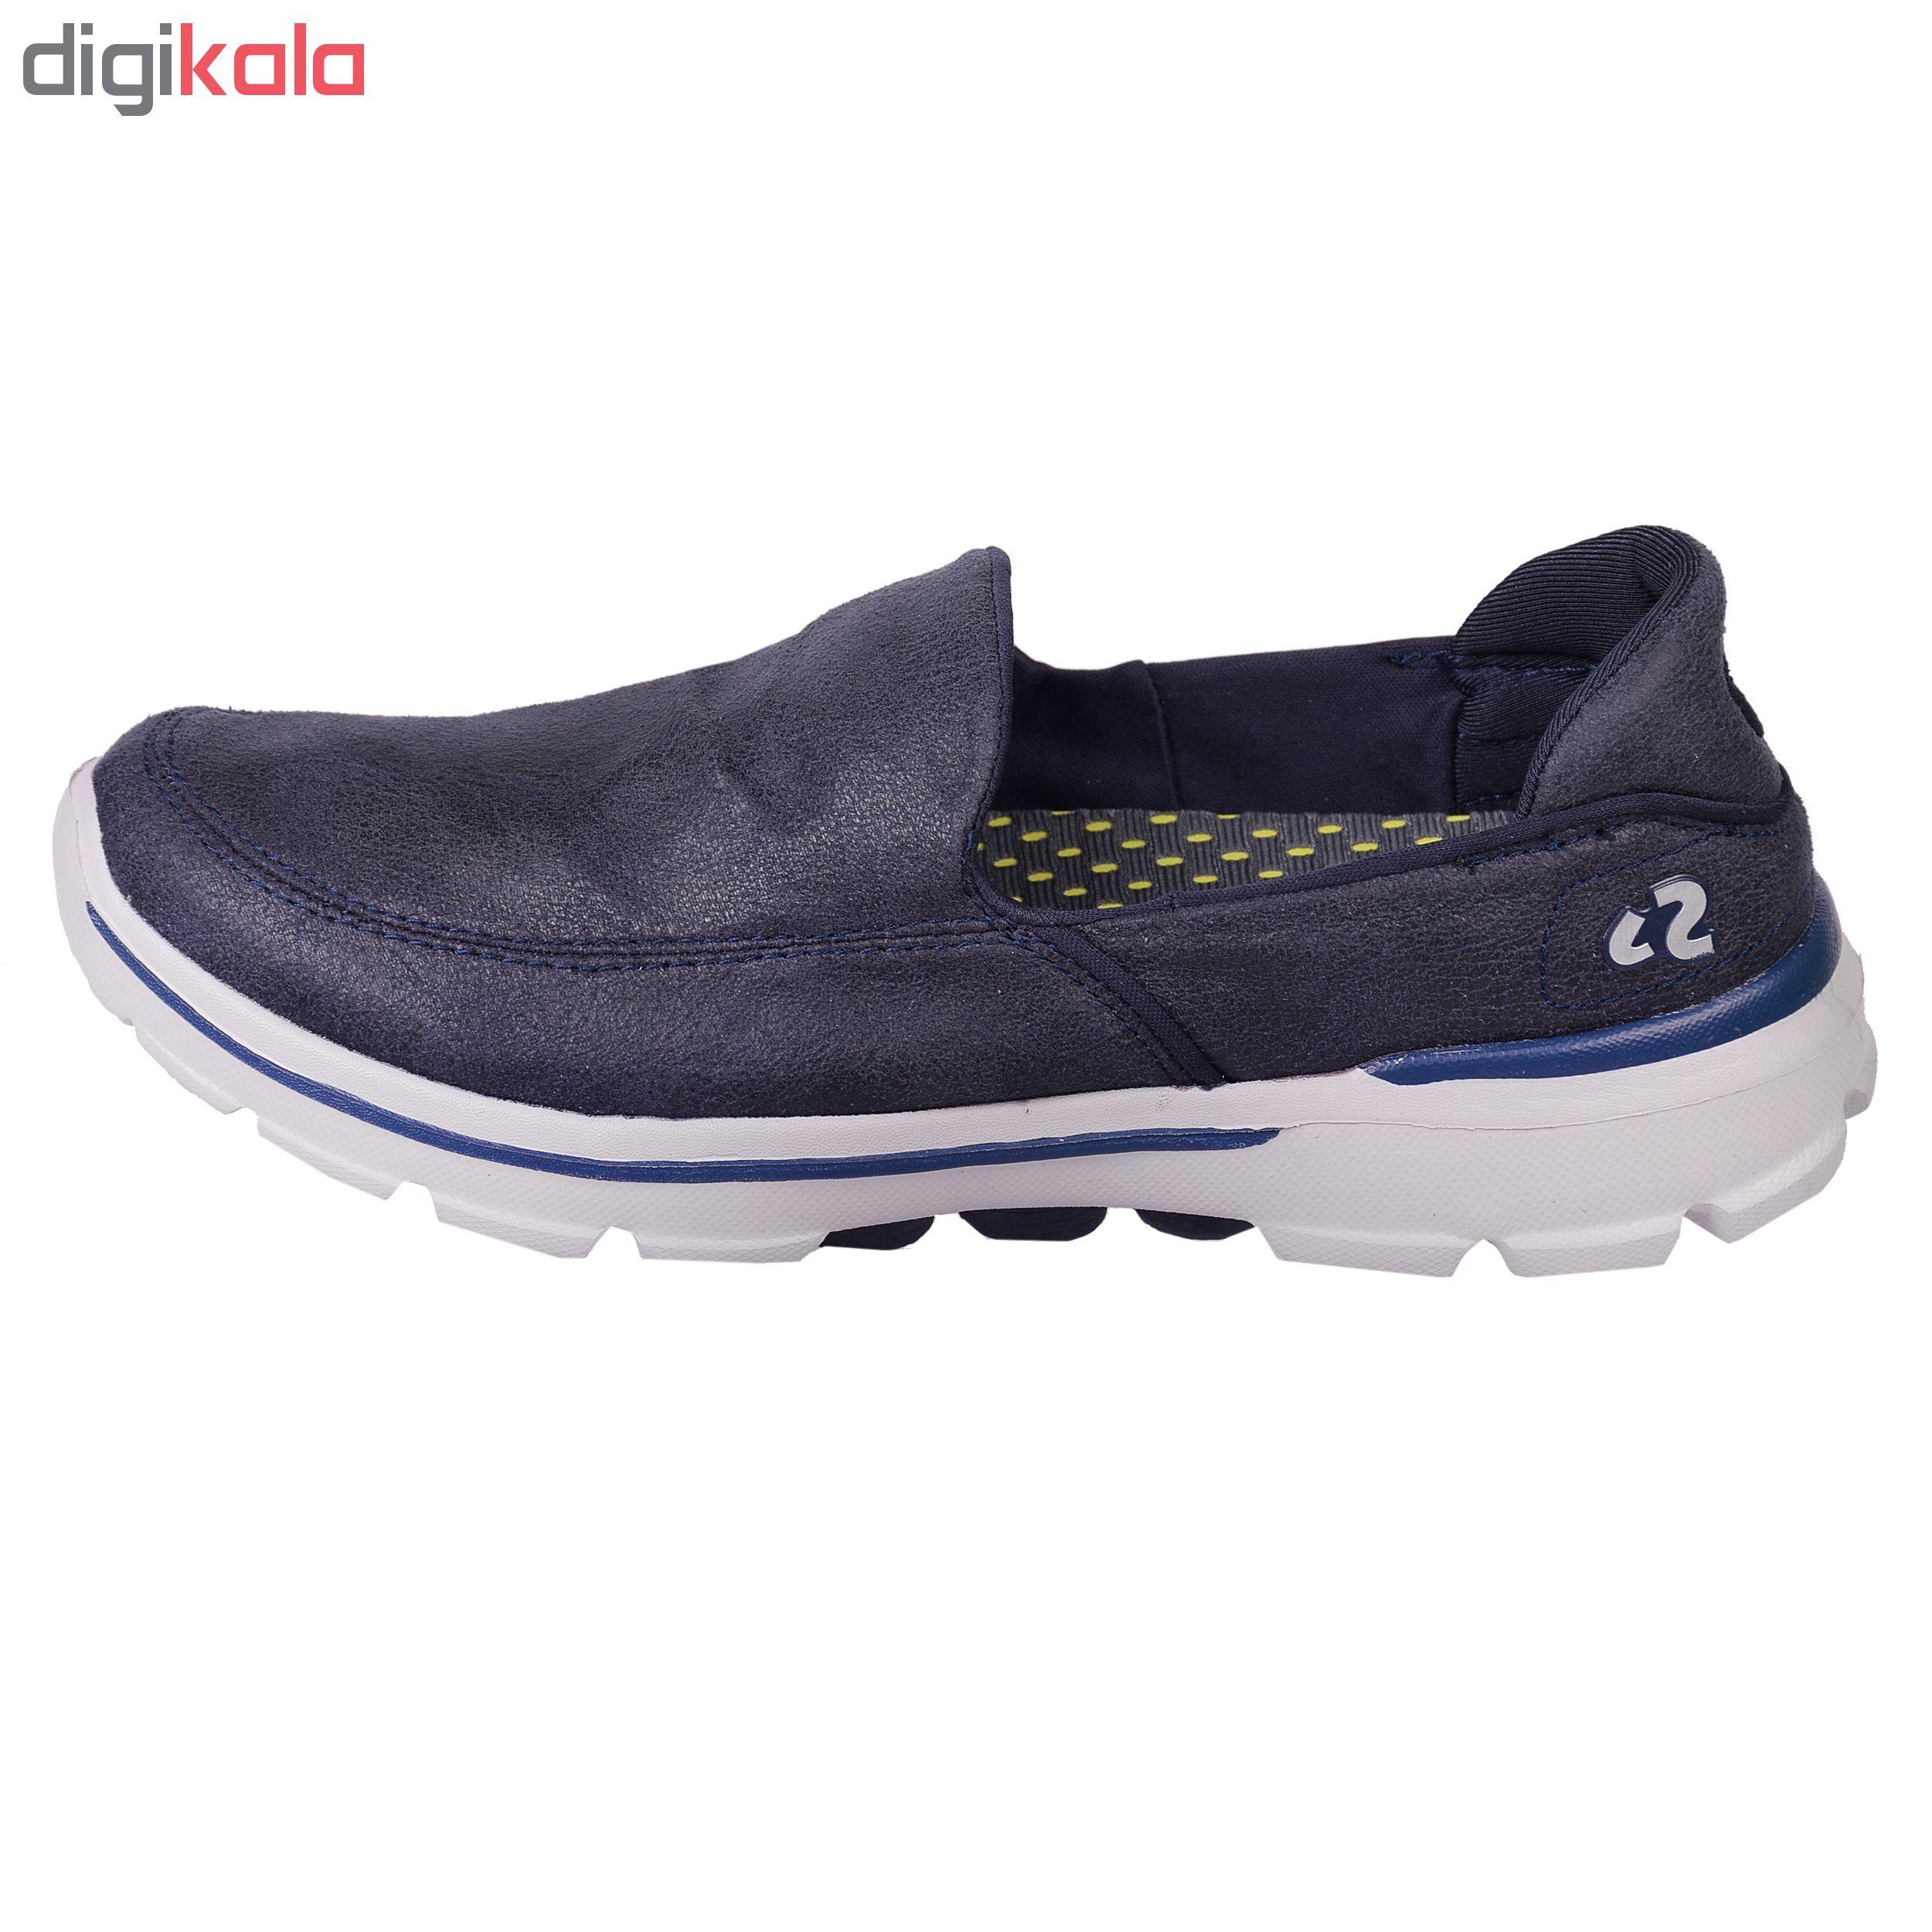 کفش مخصوص پیاده روی مردانه پرفکت استپس مدل الگانت کد 1760 رنگ سرمه ای